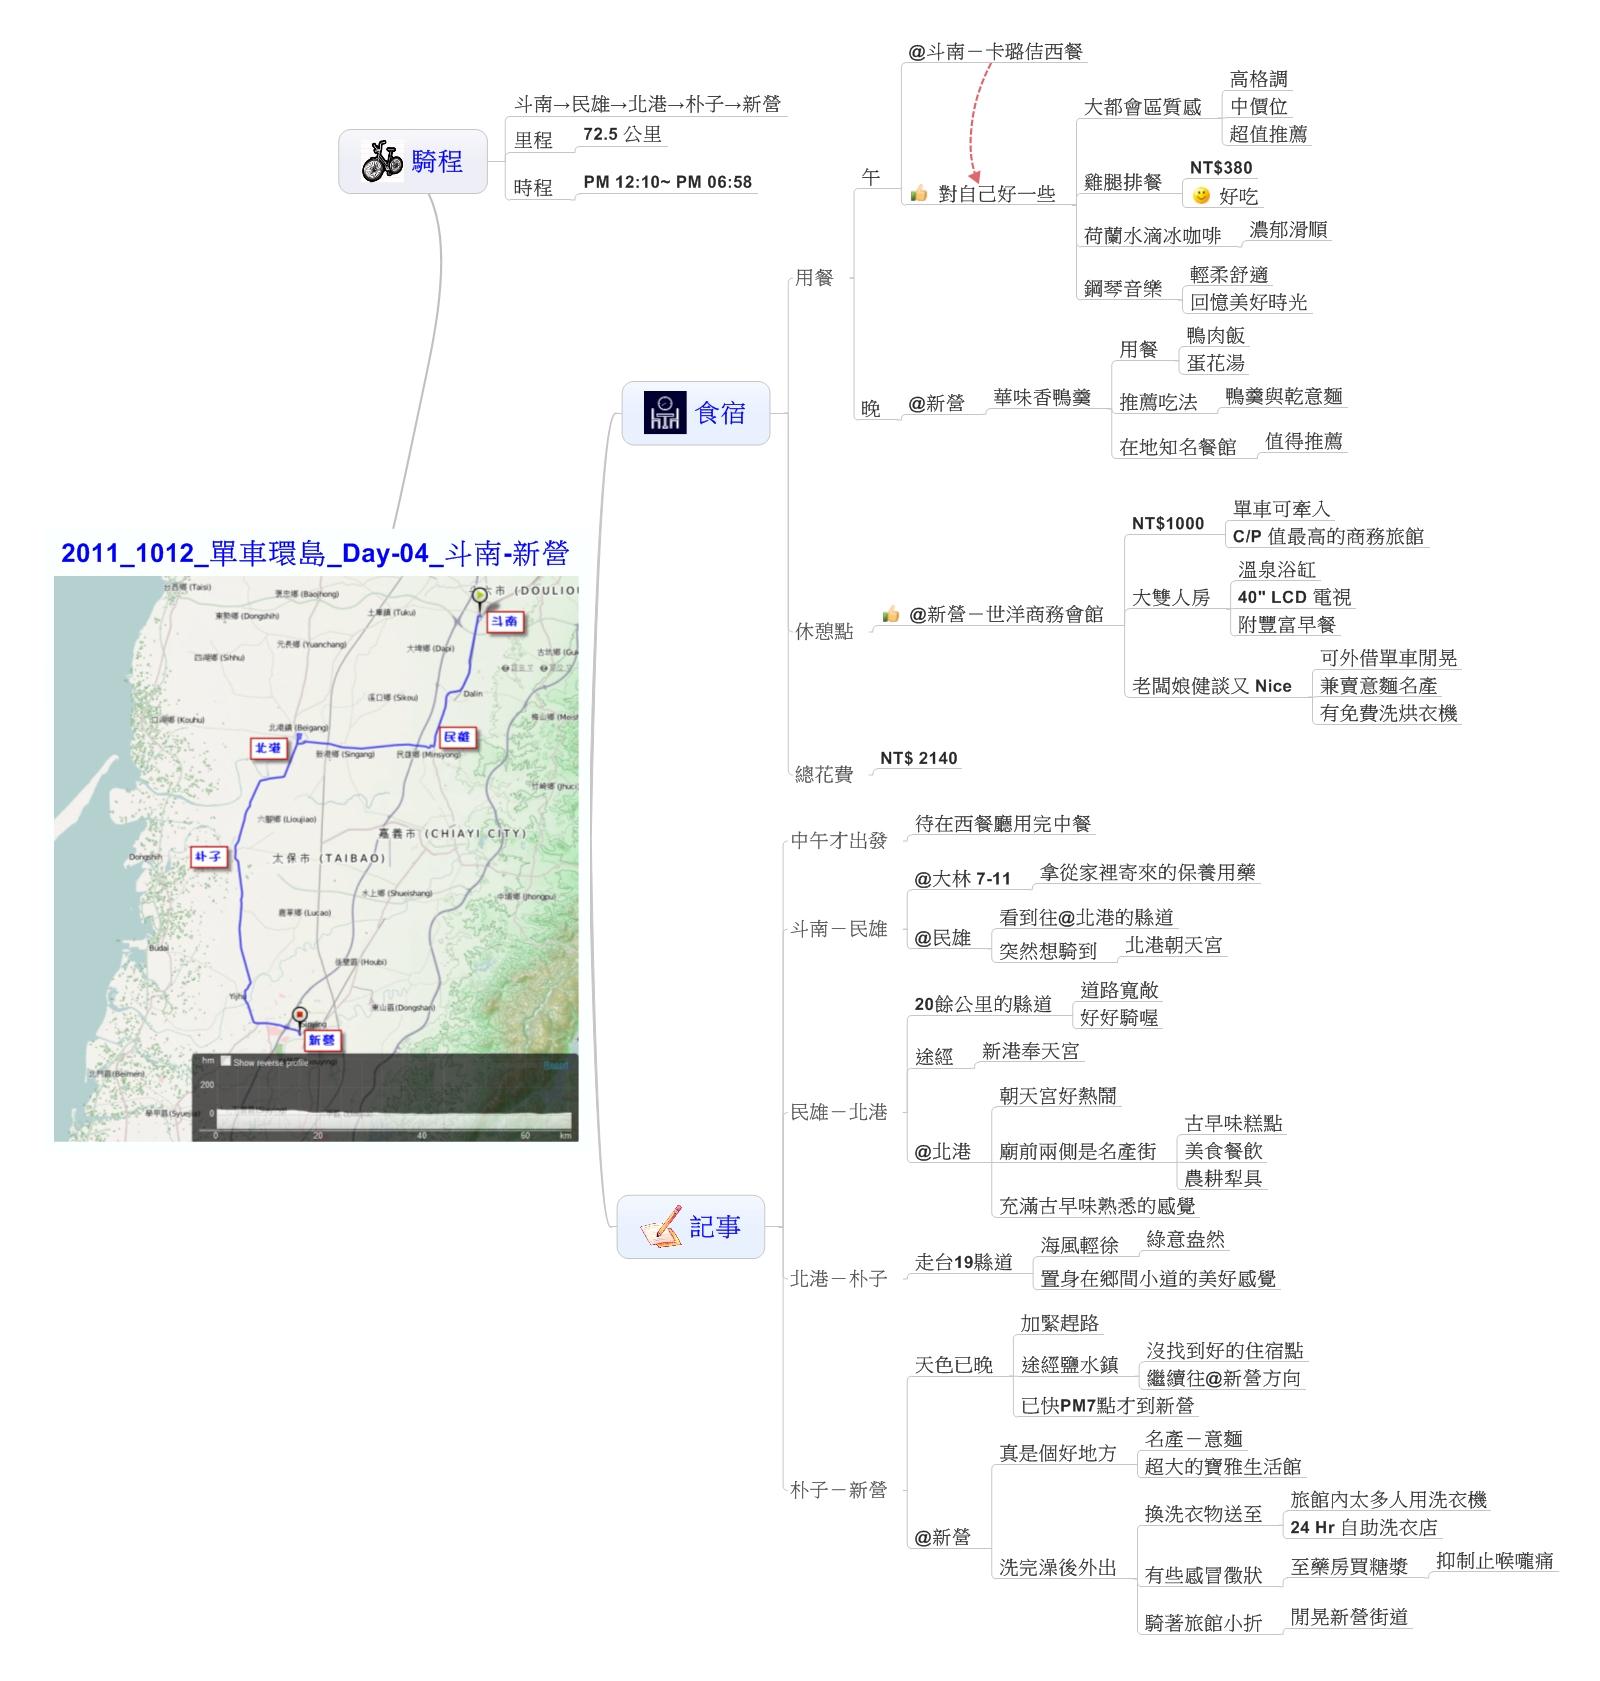 2011_1012_單車環島_Day-04_斗南-新營_心智圖